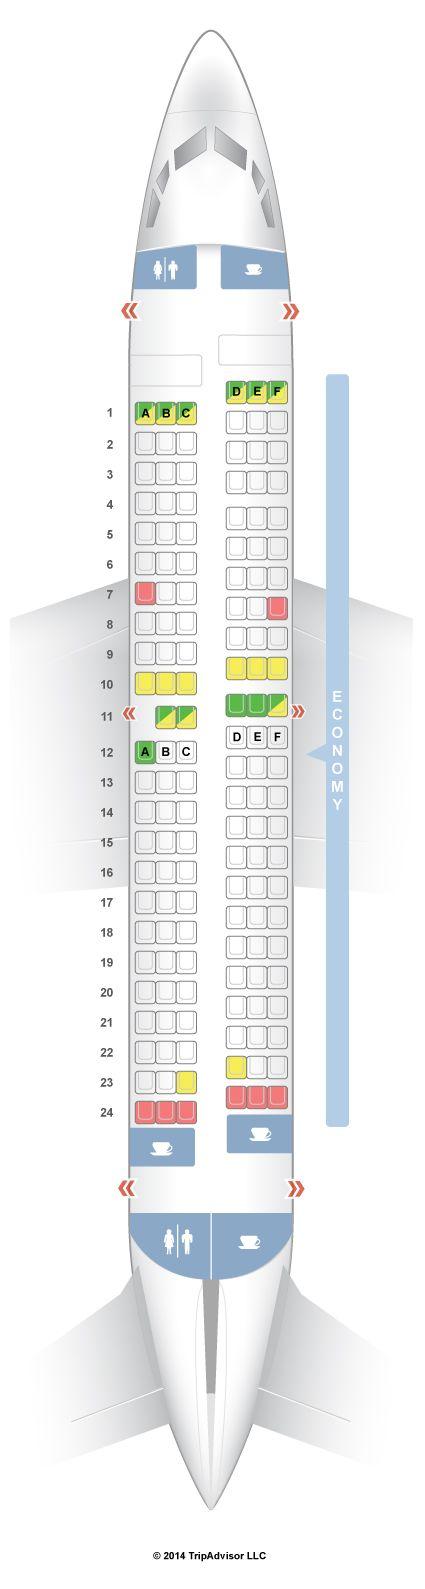 SeatGuru Seat Map Southwest Boeing 737-700 (737) - SeatGuru